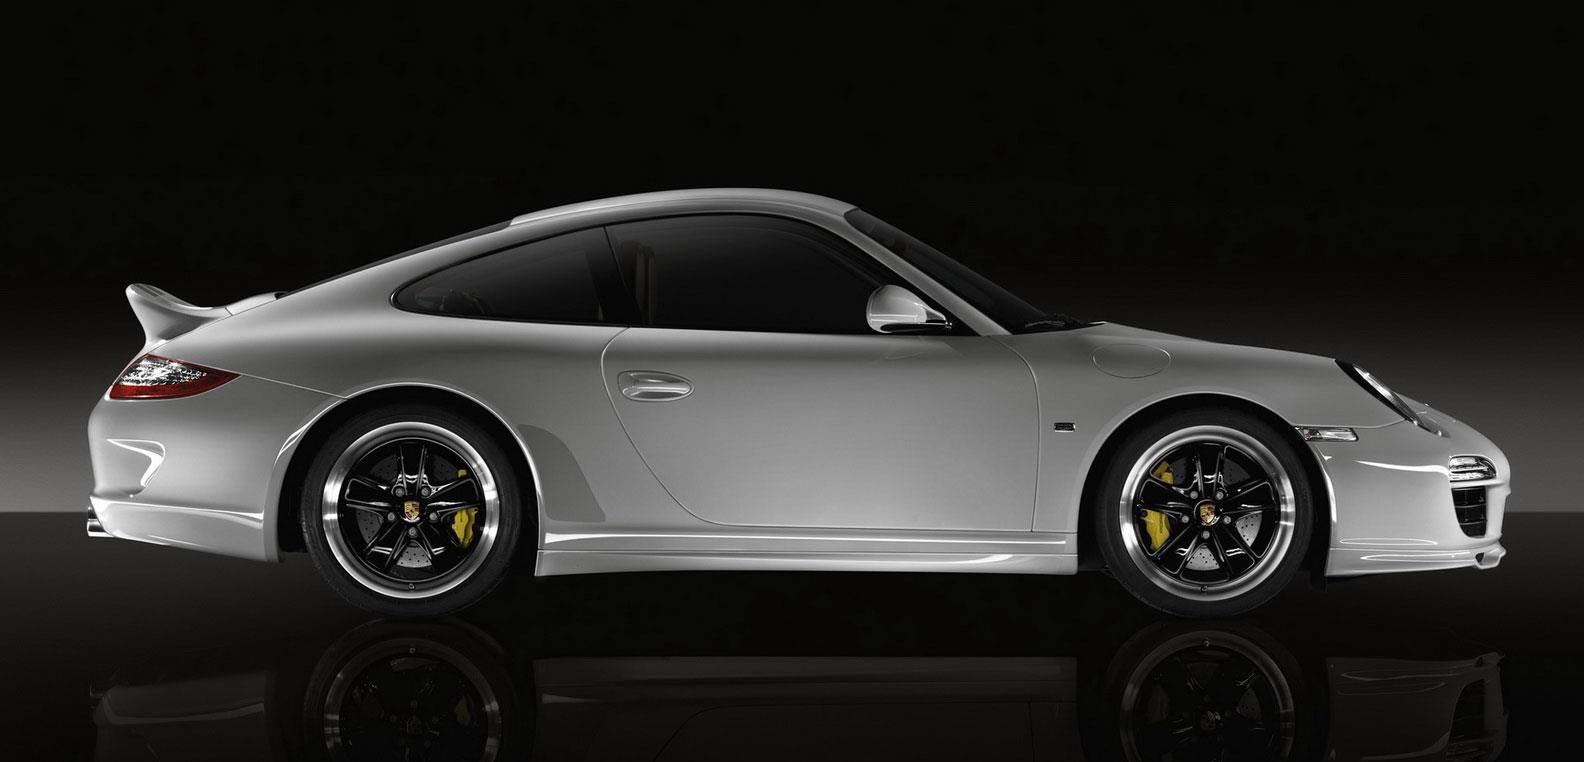 911シリーズの中で997ポルシェの魅力は完成されたそのデザインと洗練された装備の数々